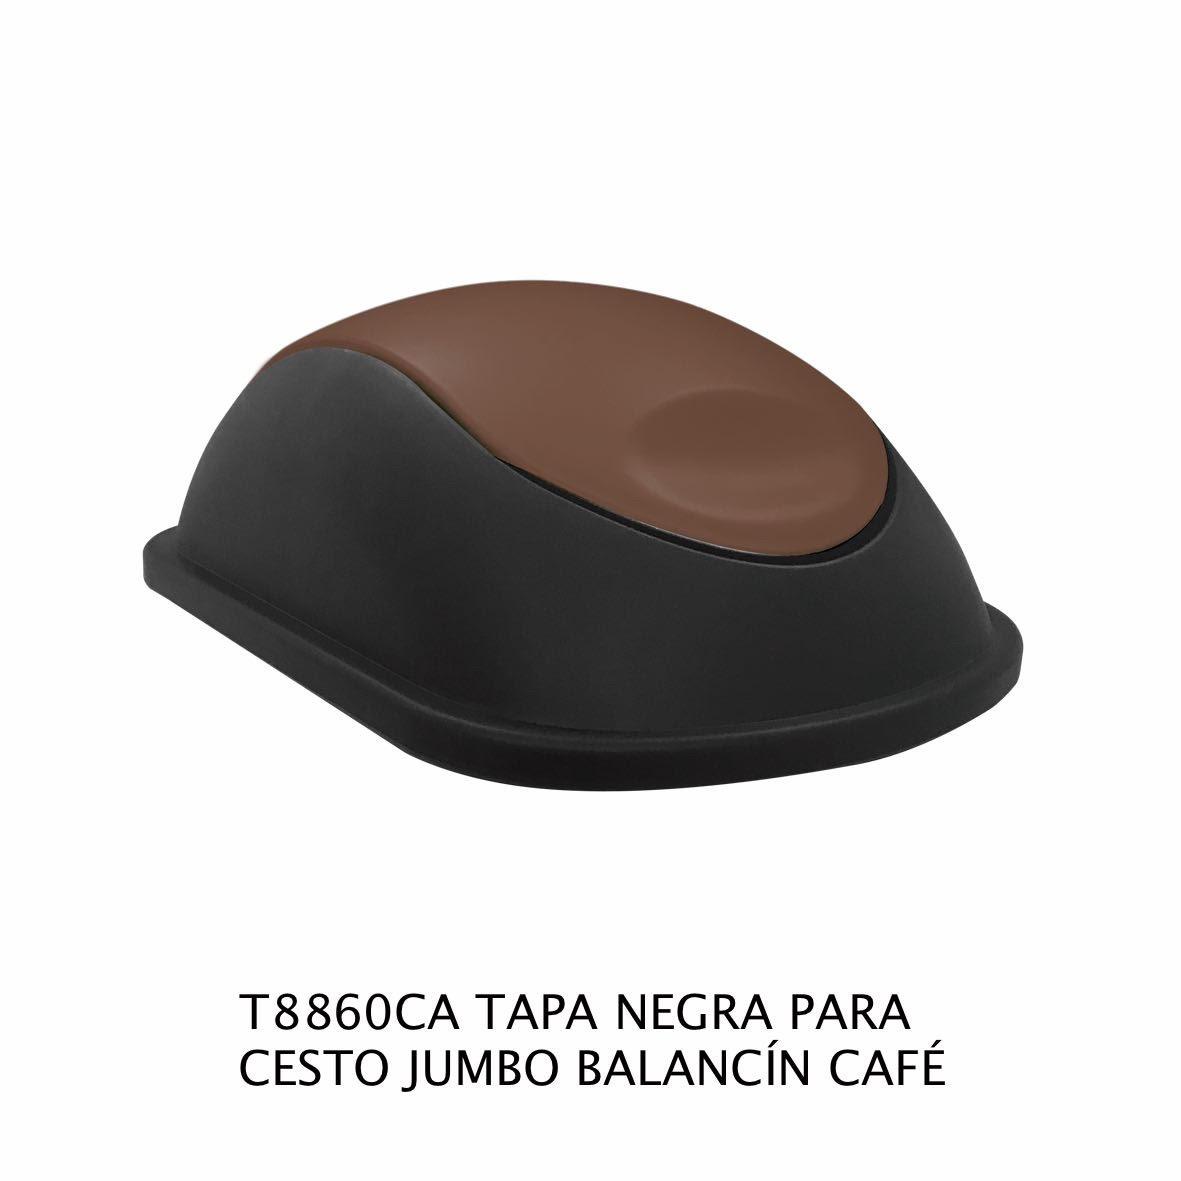 Tapa Negra con balancín color café para bote de basura jumbo Modelo T8860CA Sablón